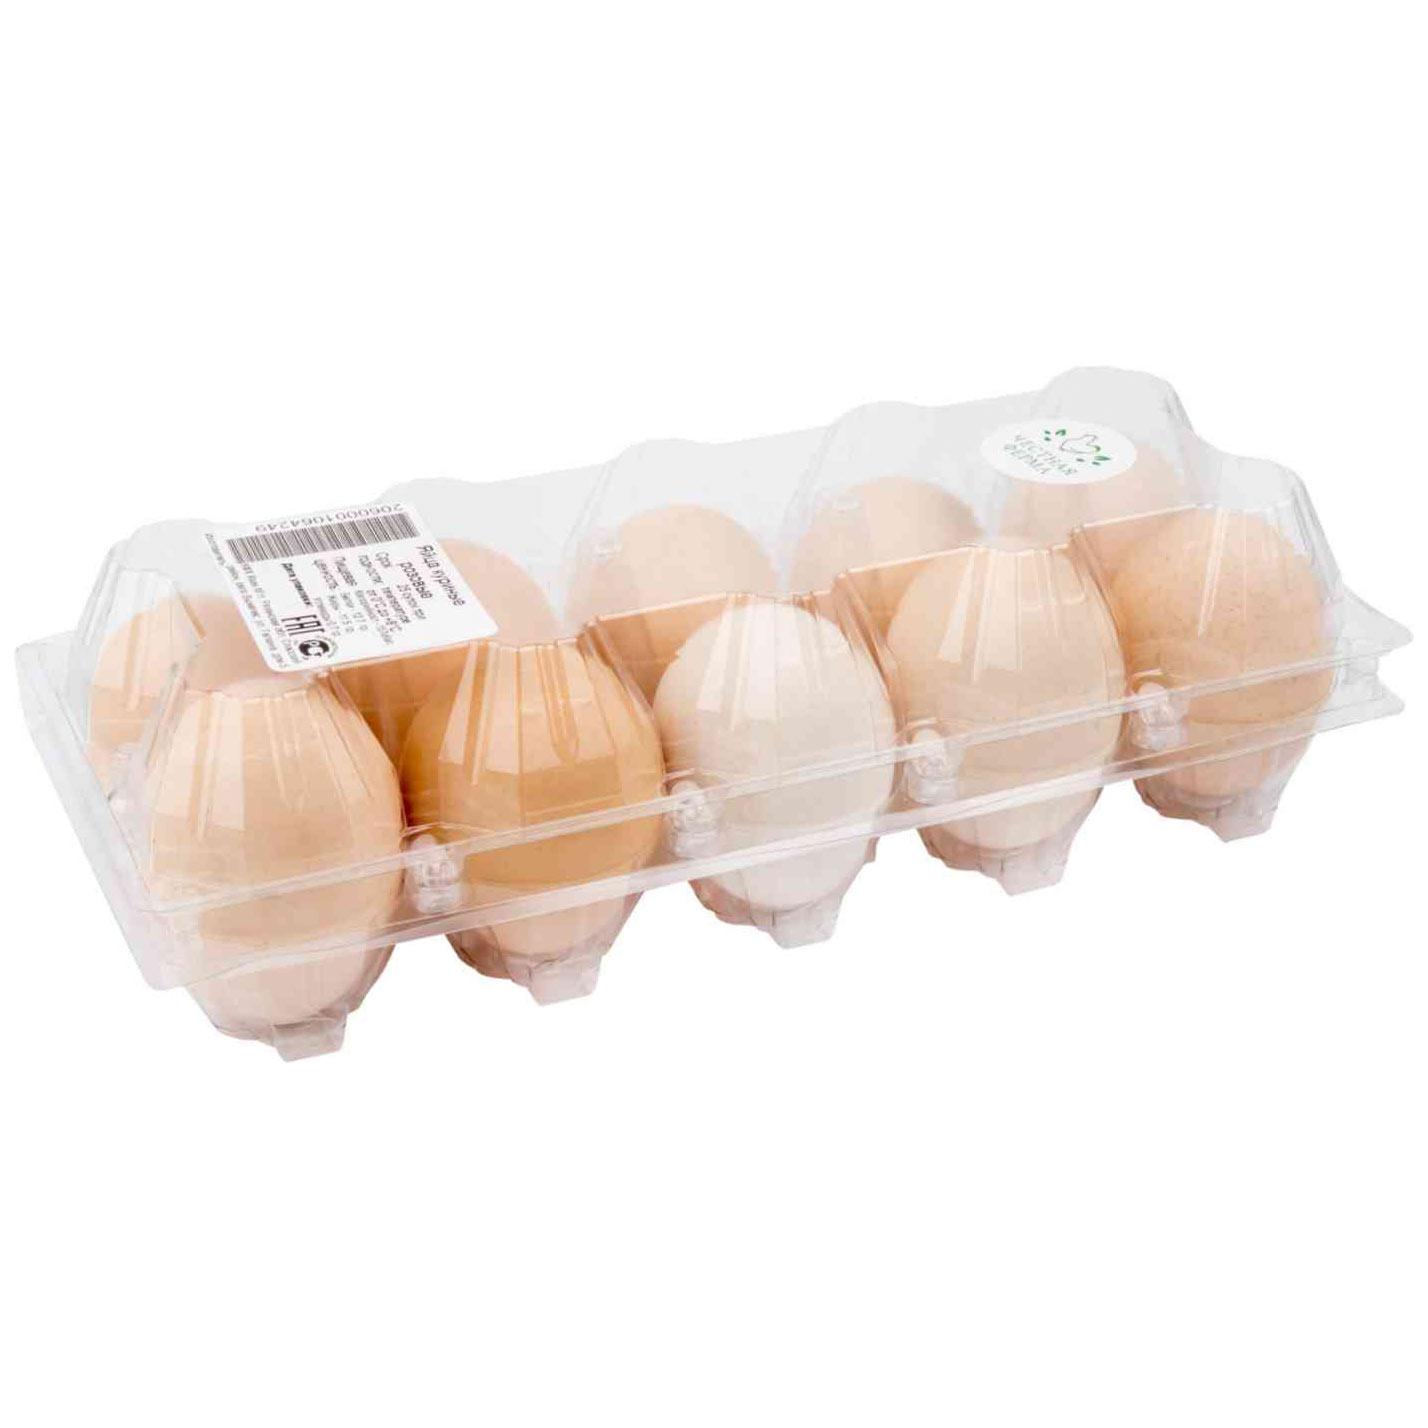 Яйца куриные Честная Ферма СО розовые, 10 шт яйца куриные милтэн со 10 шт